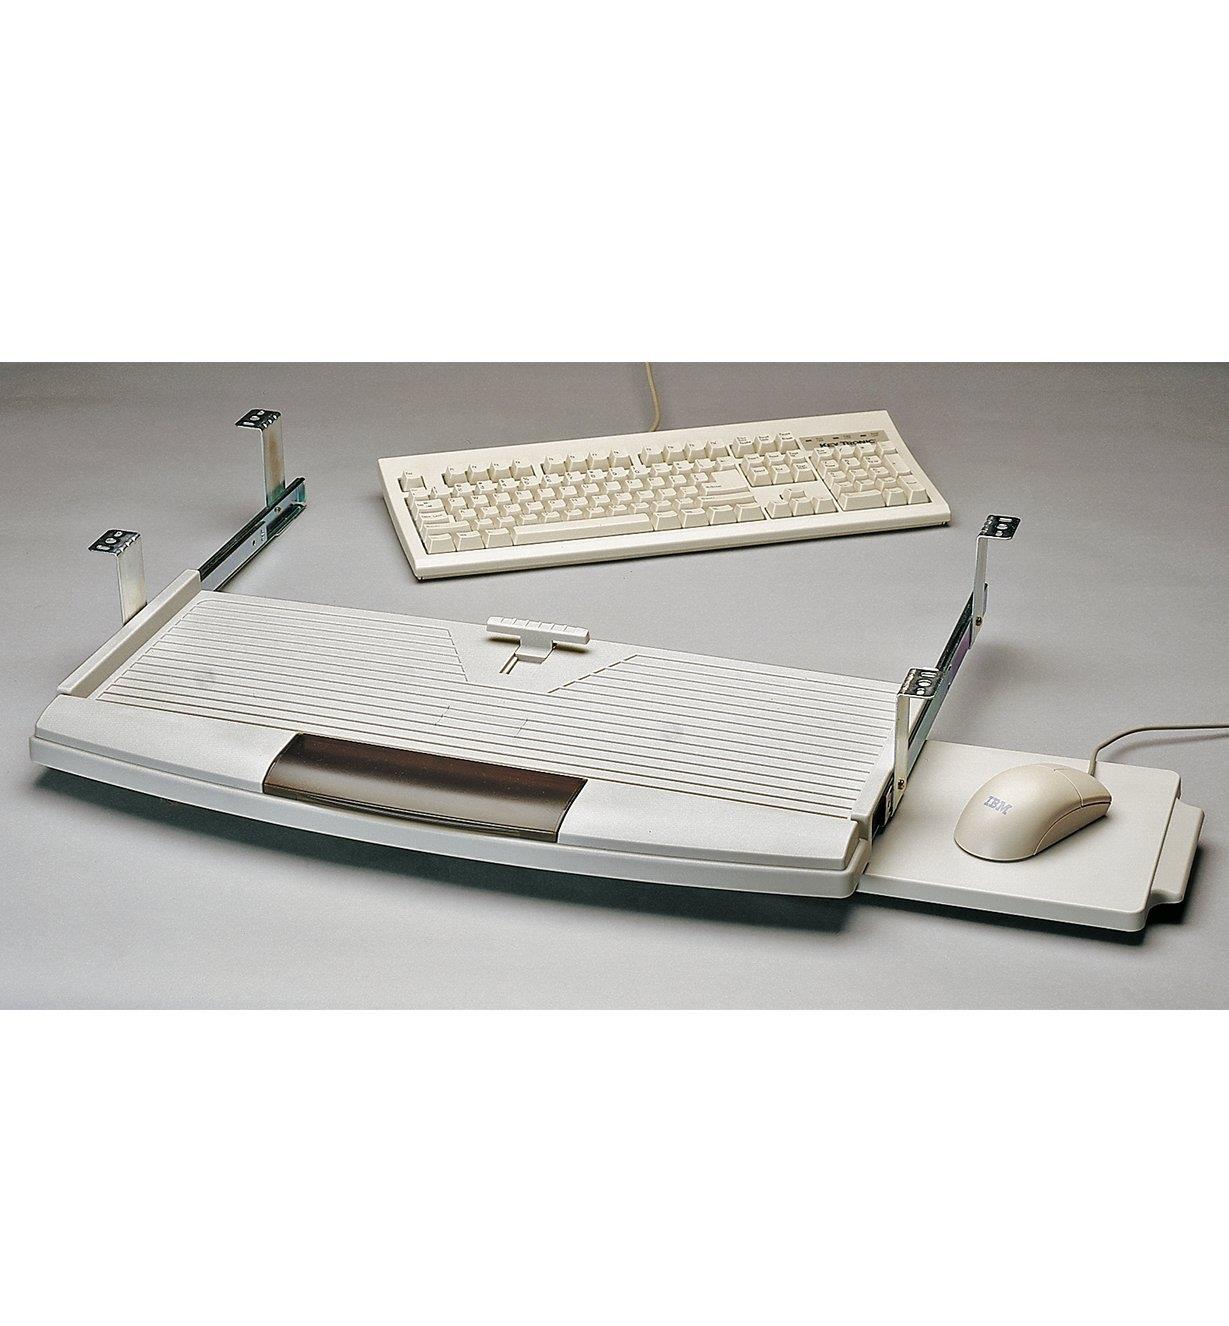 12K6911 - Plateau coulissant pour clavier d'ordinateur, beige